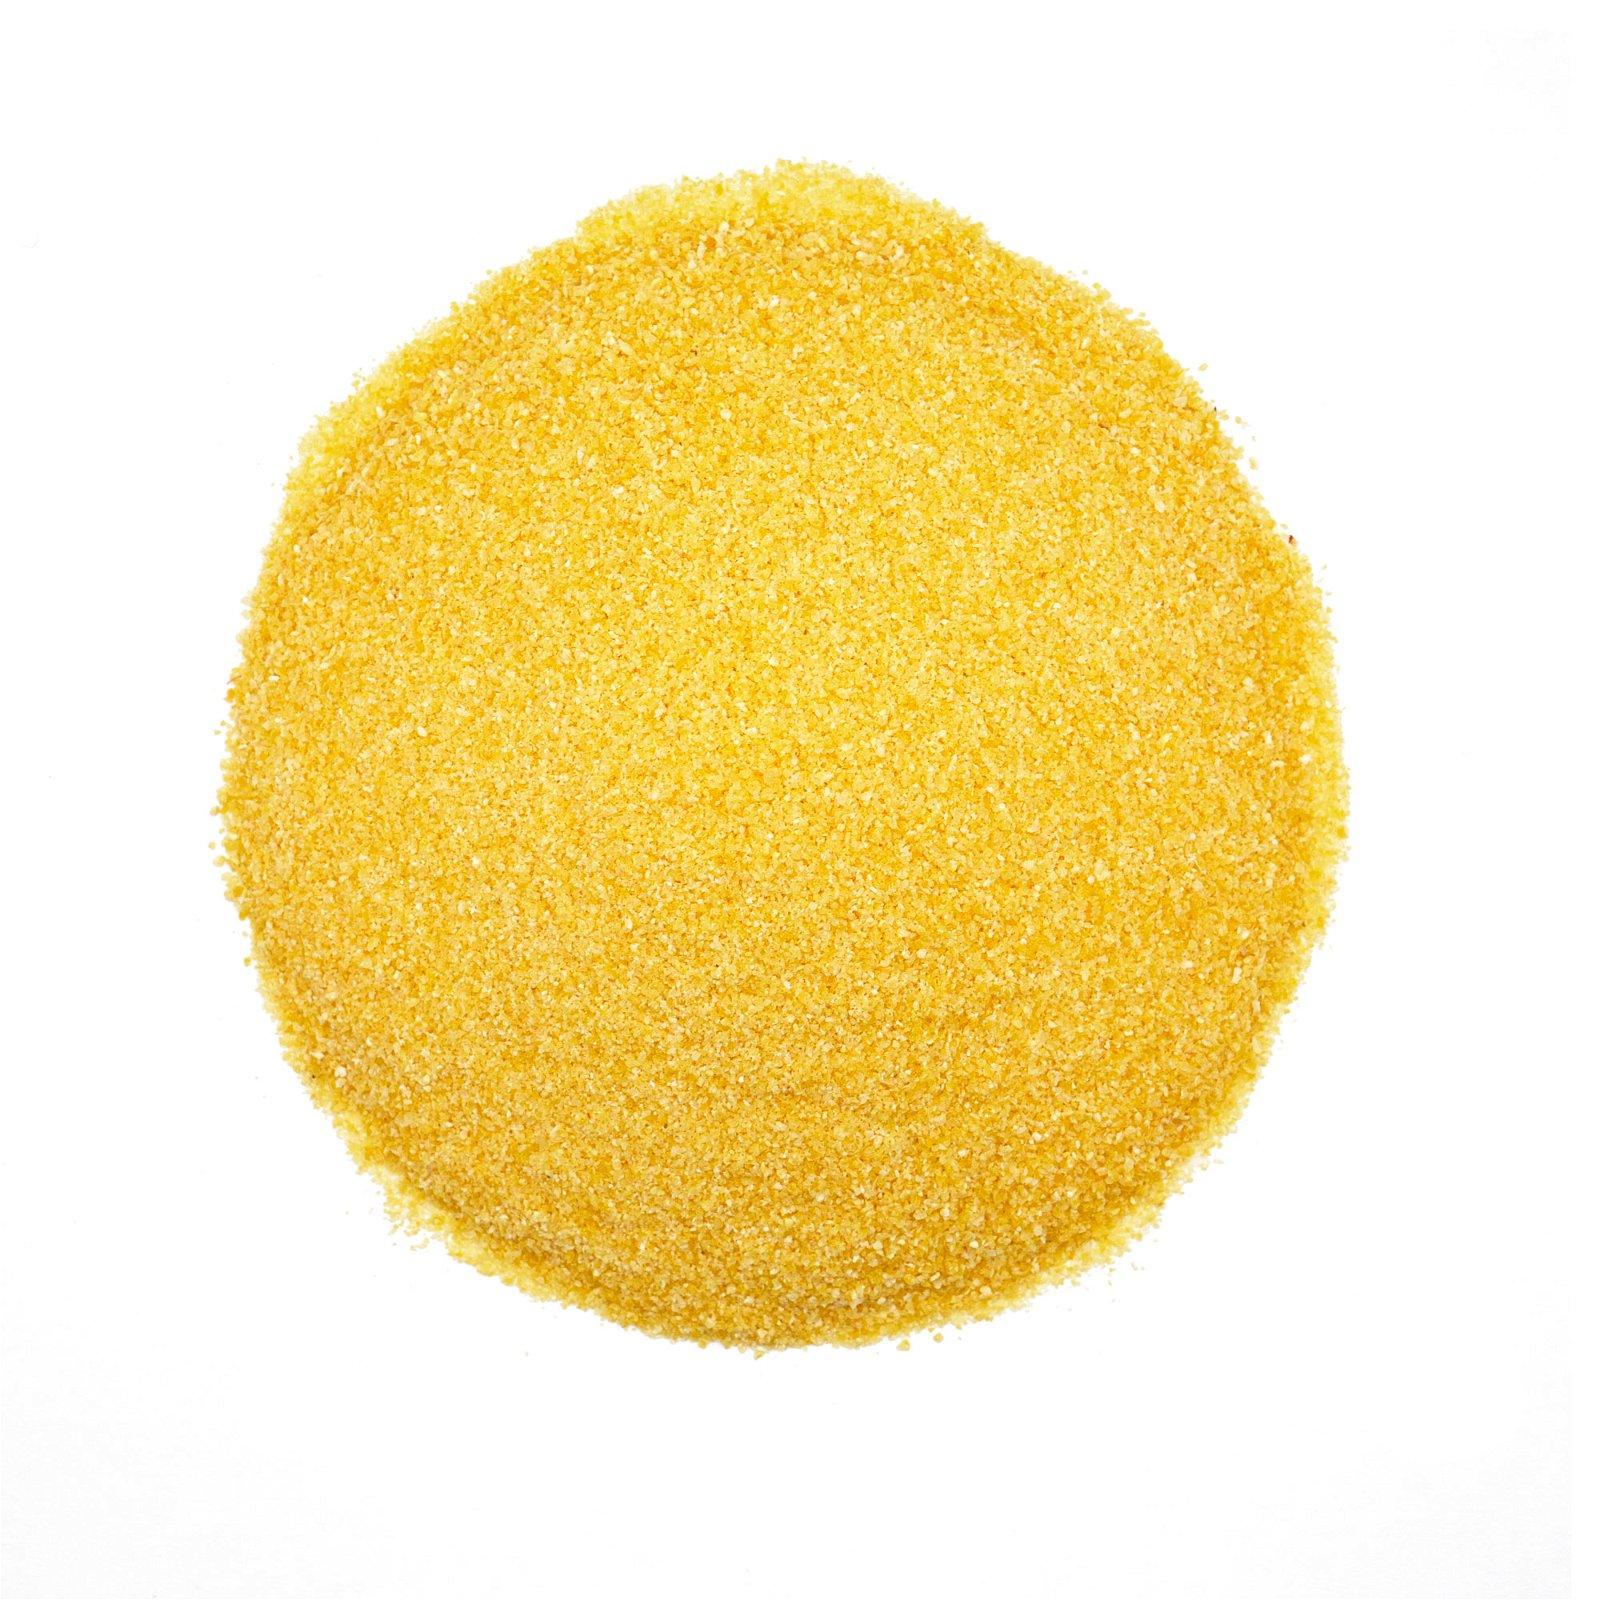 img-la-fourche-1kg-de-polenta-semoule-de-mais-en-vrac-bio